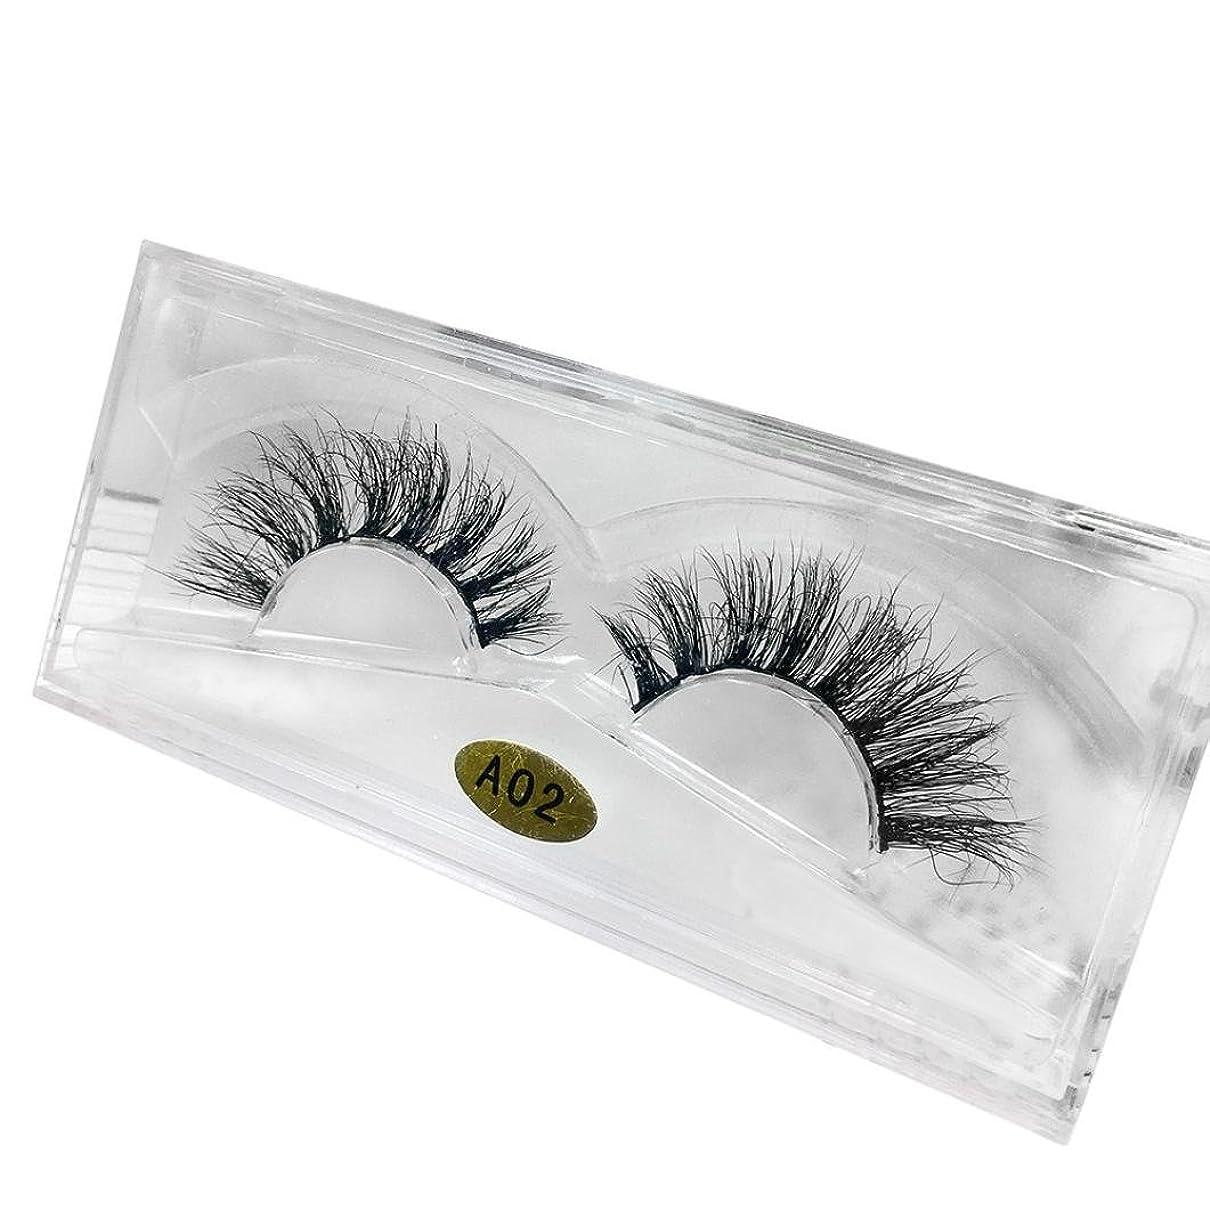 比類のない水平許可するFeteso 1ペア つけまつげ 上まつげ 3D Eyelashes アイラッシュ ビューティー まつげエクステ レディース 化粧ツール アイメイクアップ 人気 ナチュラル ふんわり 装着簡単 綺麗 濃密